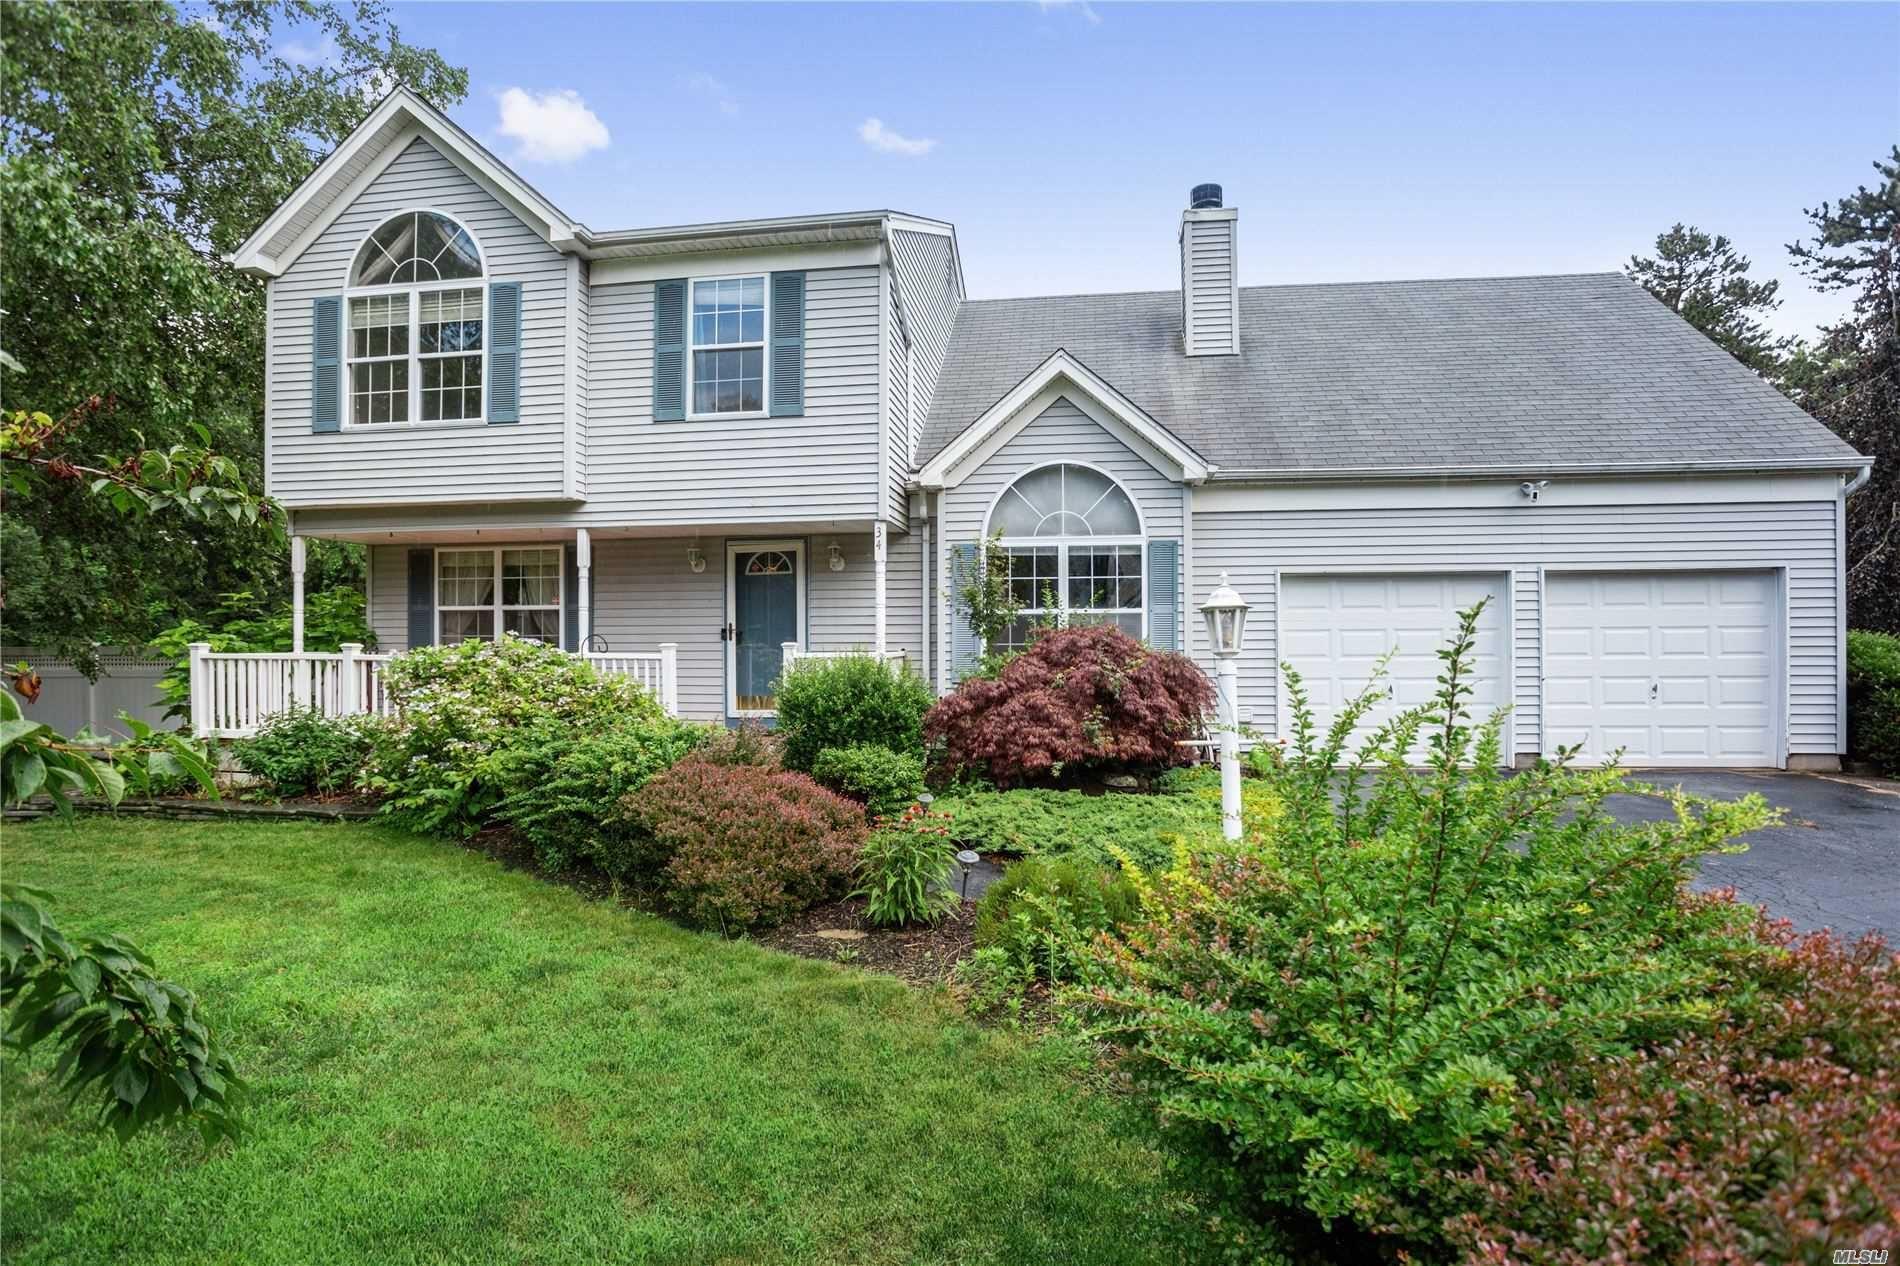 34 Stony Hollow Lane, Ridge, NY 11961 - MLS#: 3232720